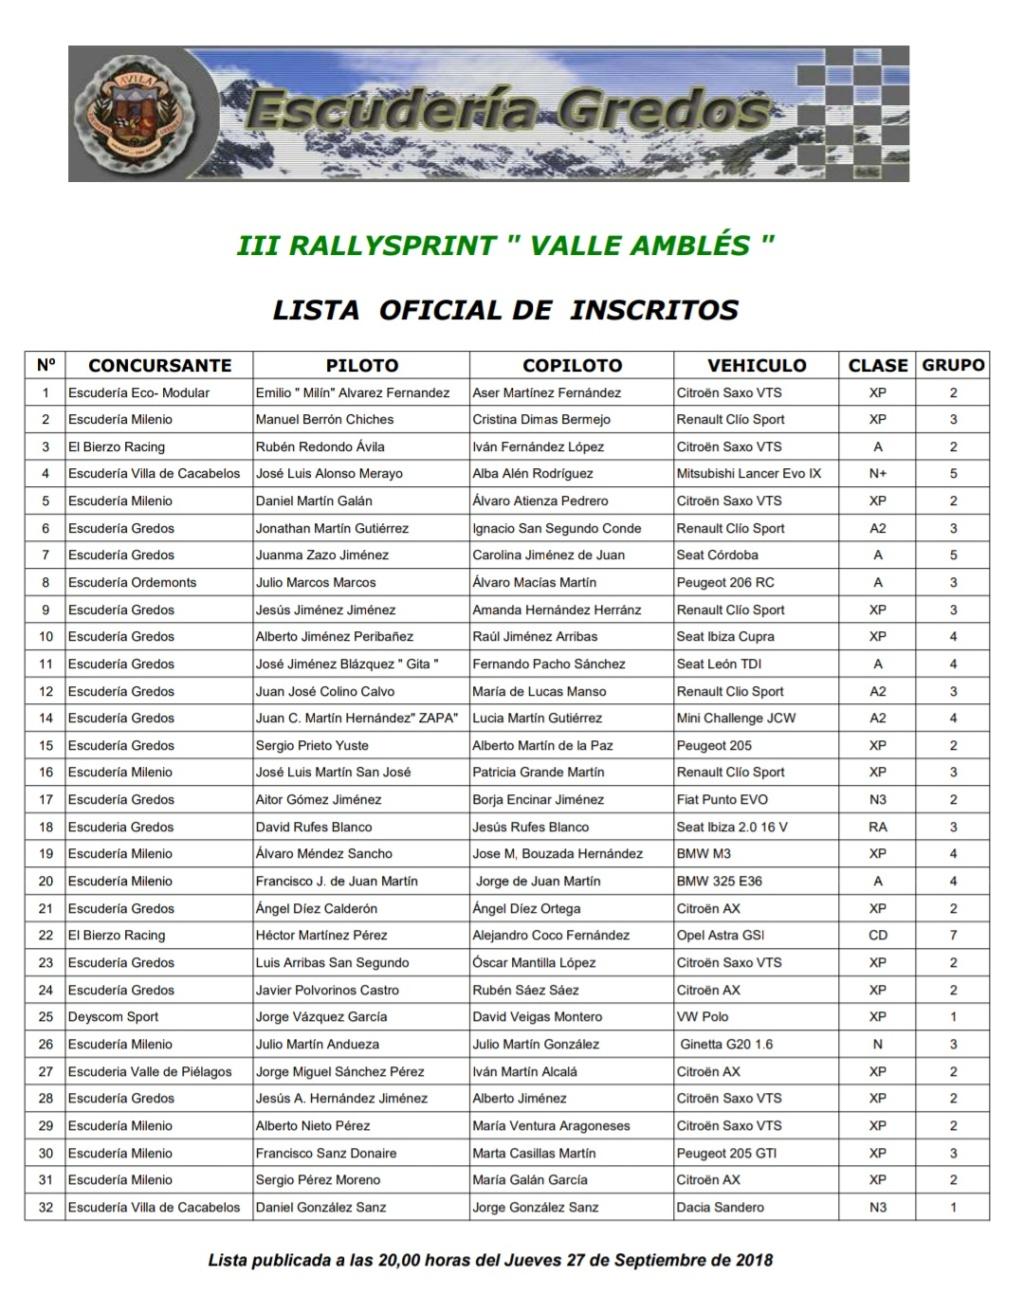 Campeonatos Regionales 2018: Información y novedades - Página 29 Img_2010